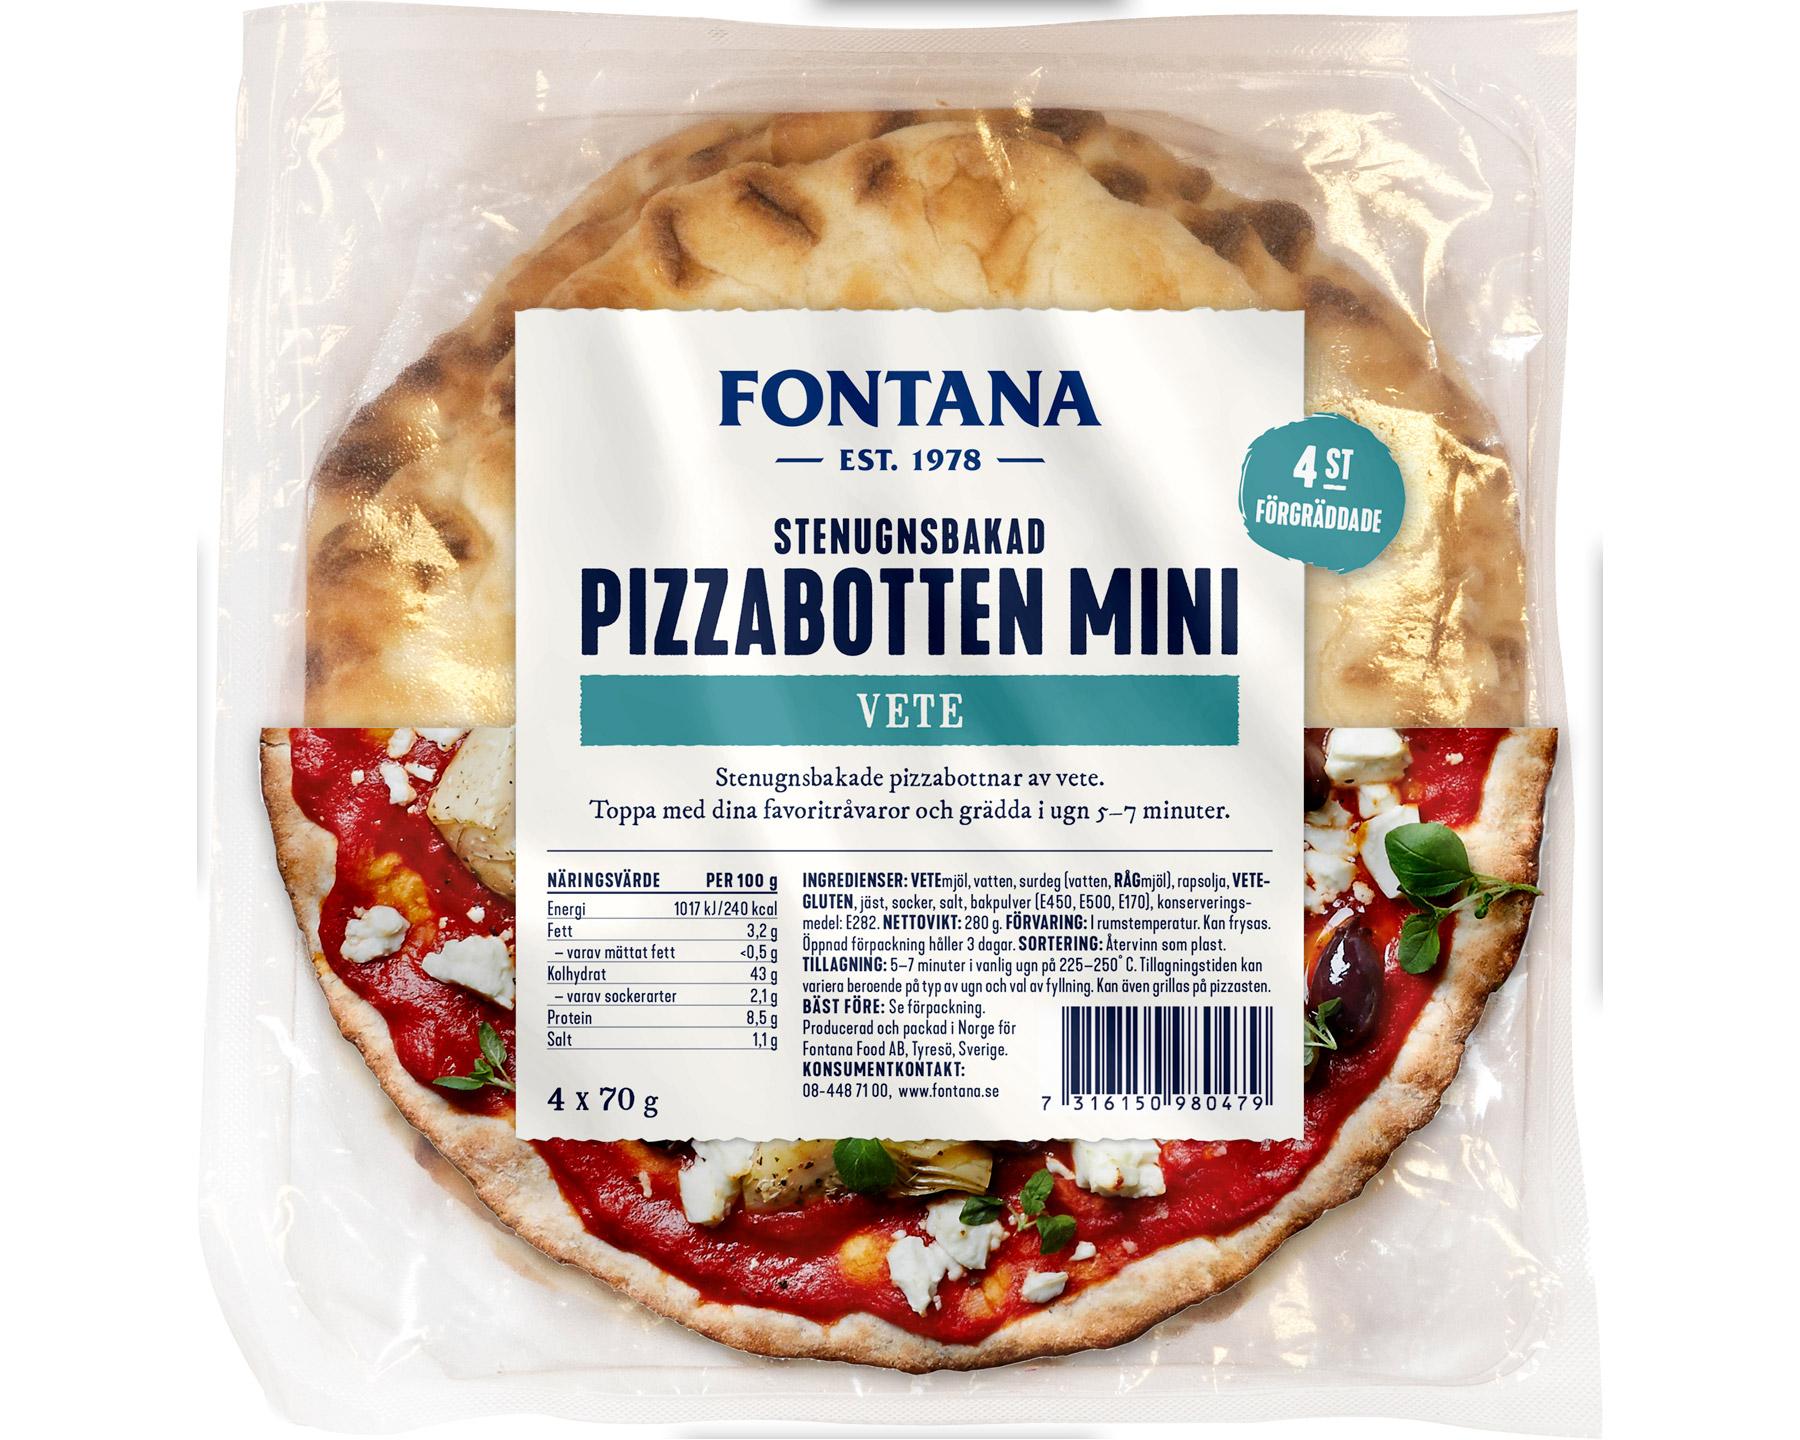 Fontana Stenugnsbakad Pizzabotten 4 x 70 g